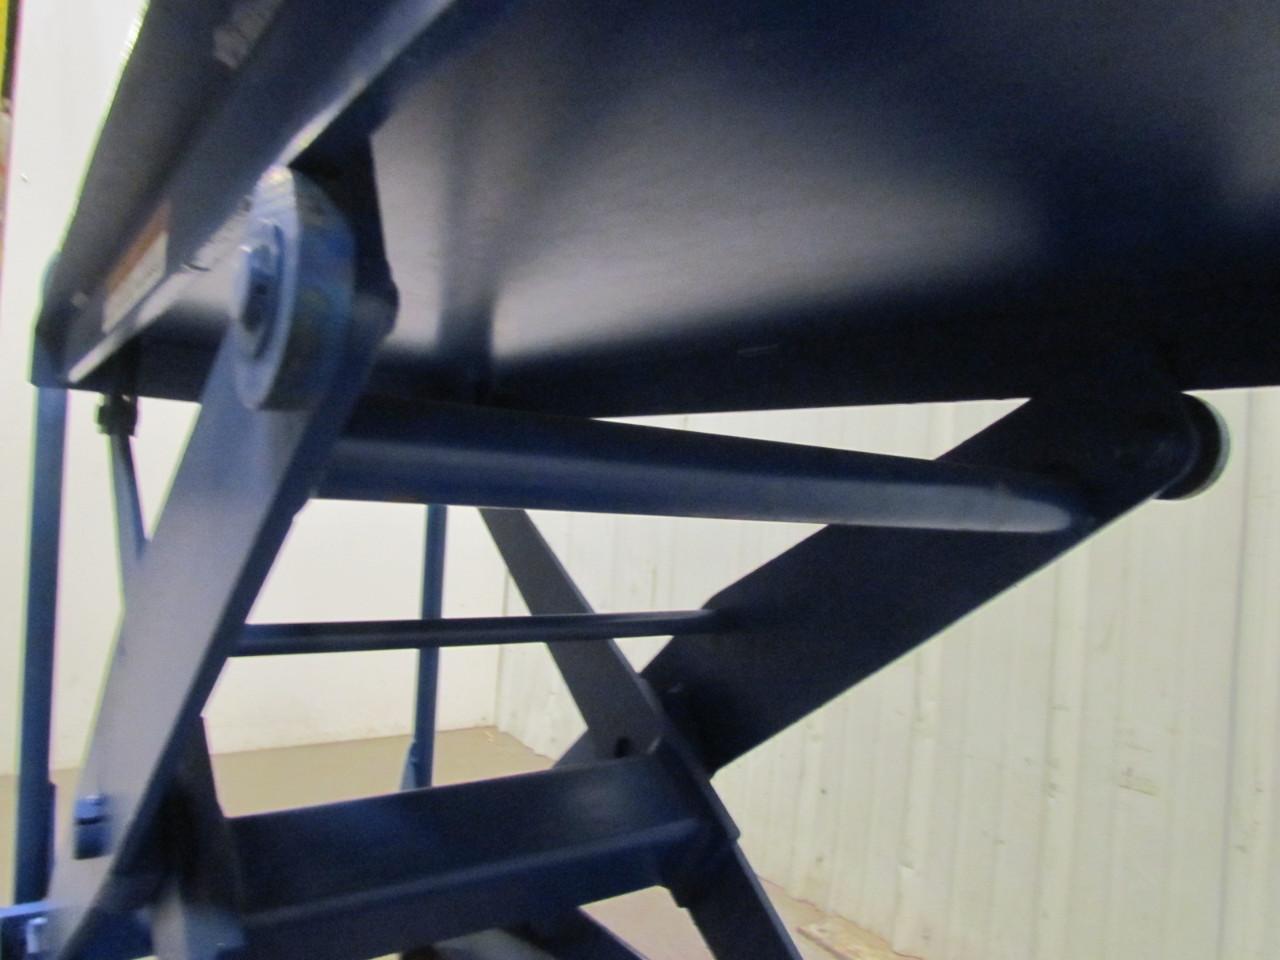 Heavy Duty Self Leveling Scissor Lift Cart 20 U0026quot X40 U0026quot  Table Size 32 U0026quot  Height